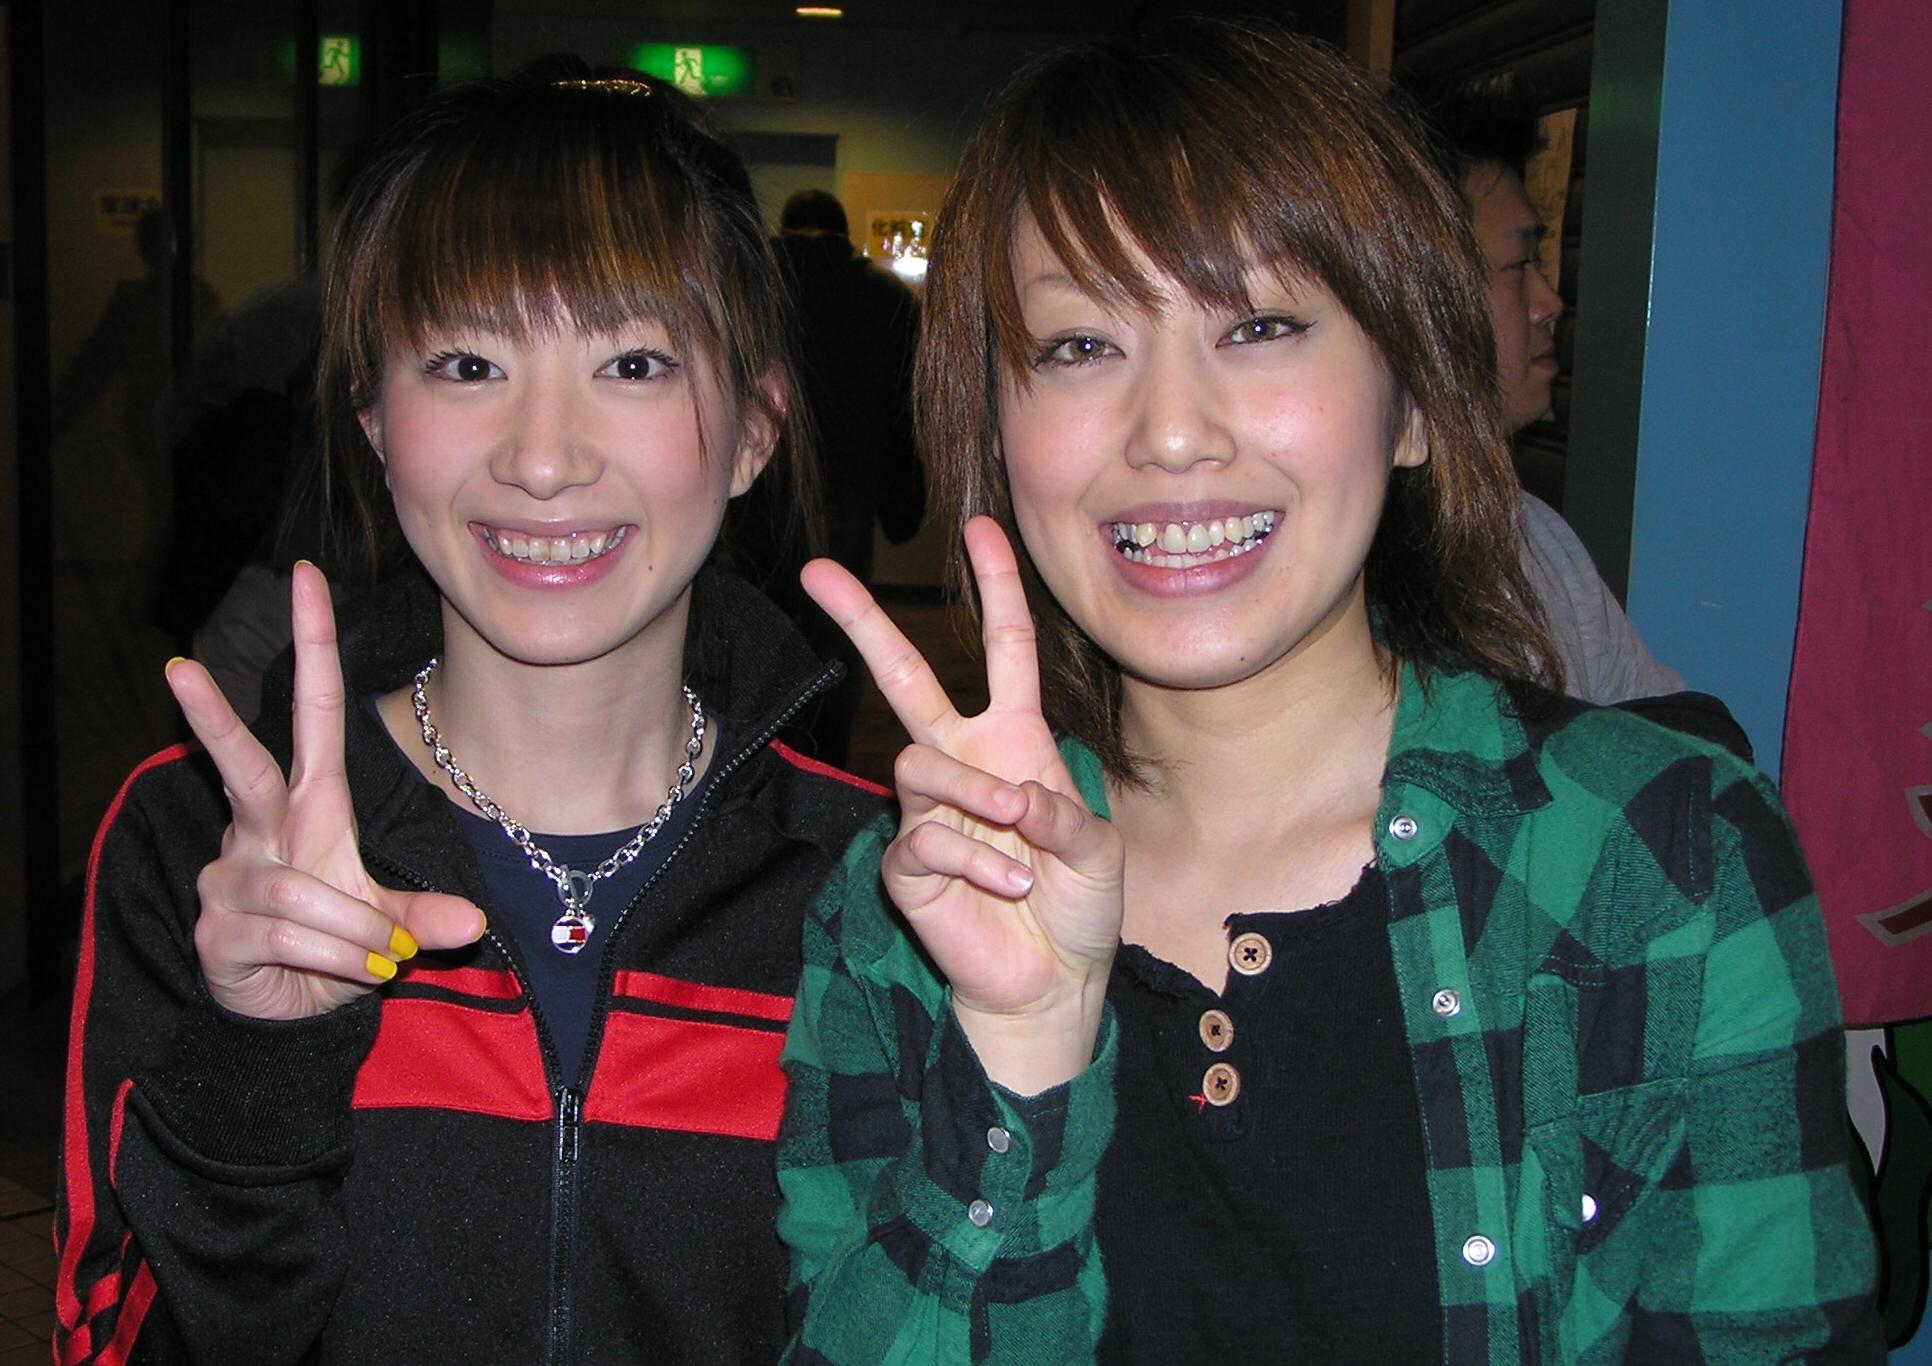 小泉エリ&トモ : 飛行屋本舗